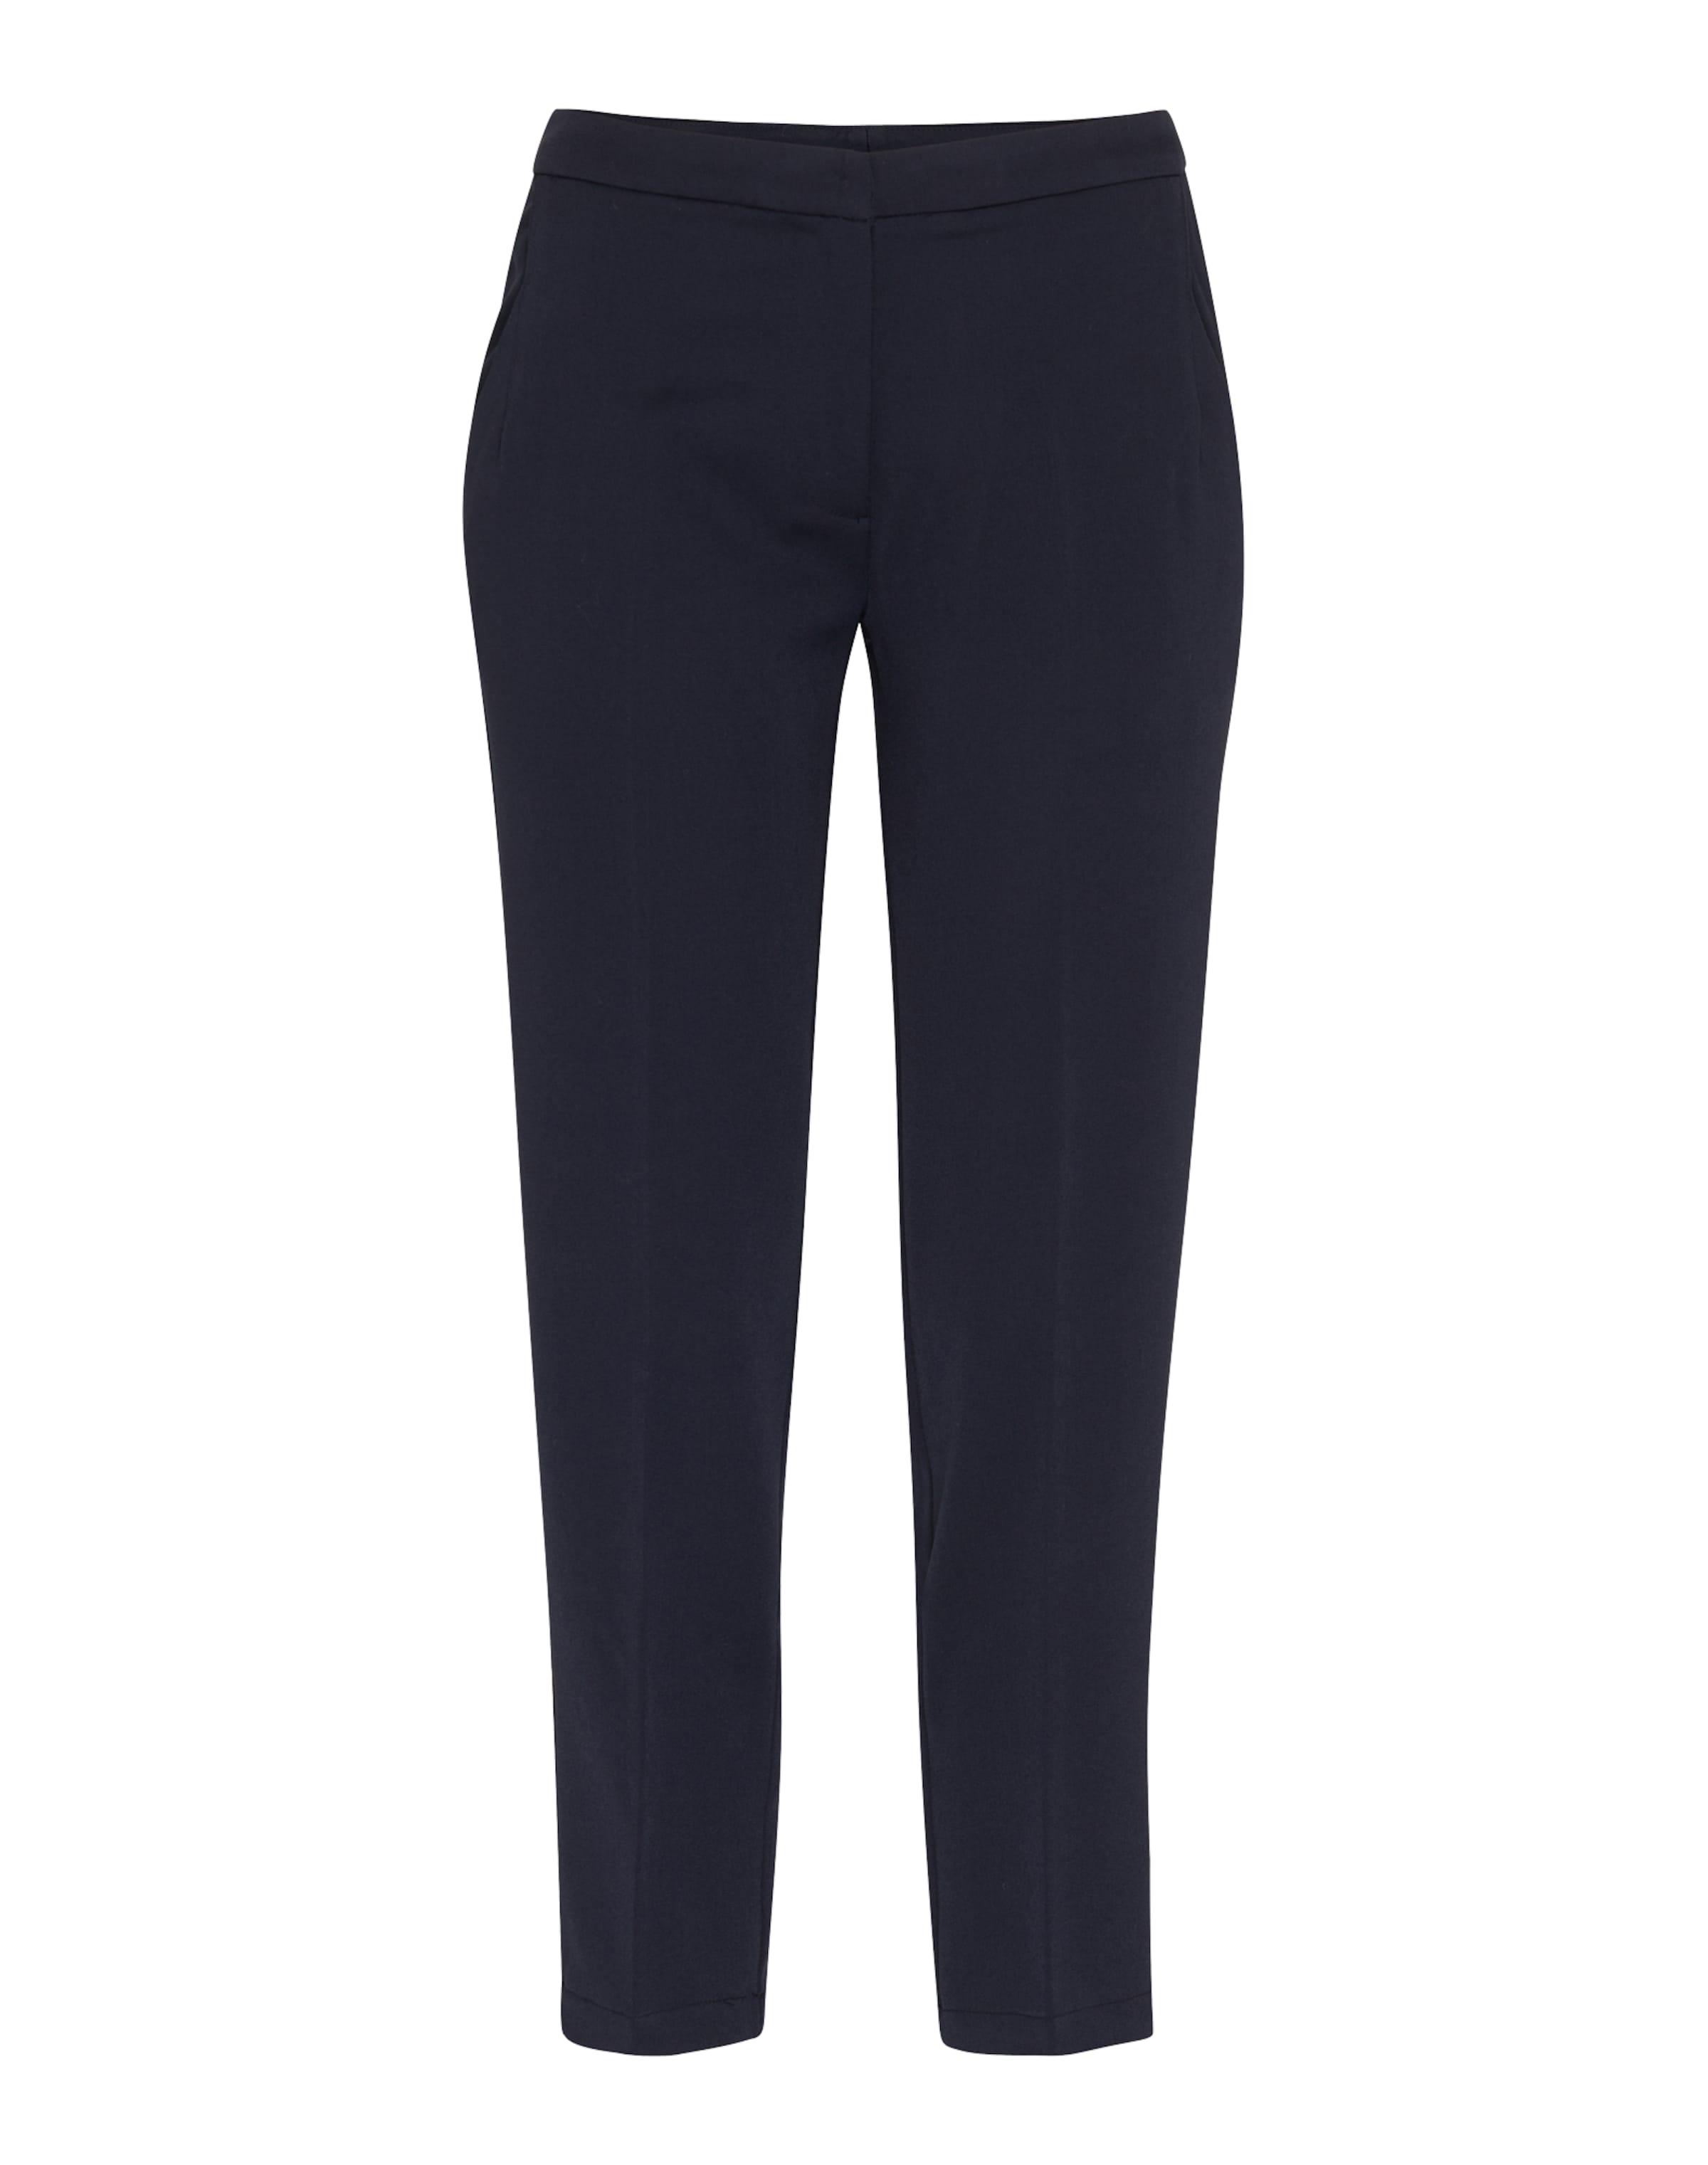 À Bleu Marine Pantalon 'halle' Minimum En Pince qMSUpzV